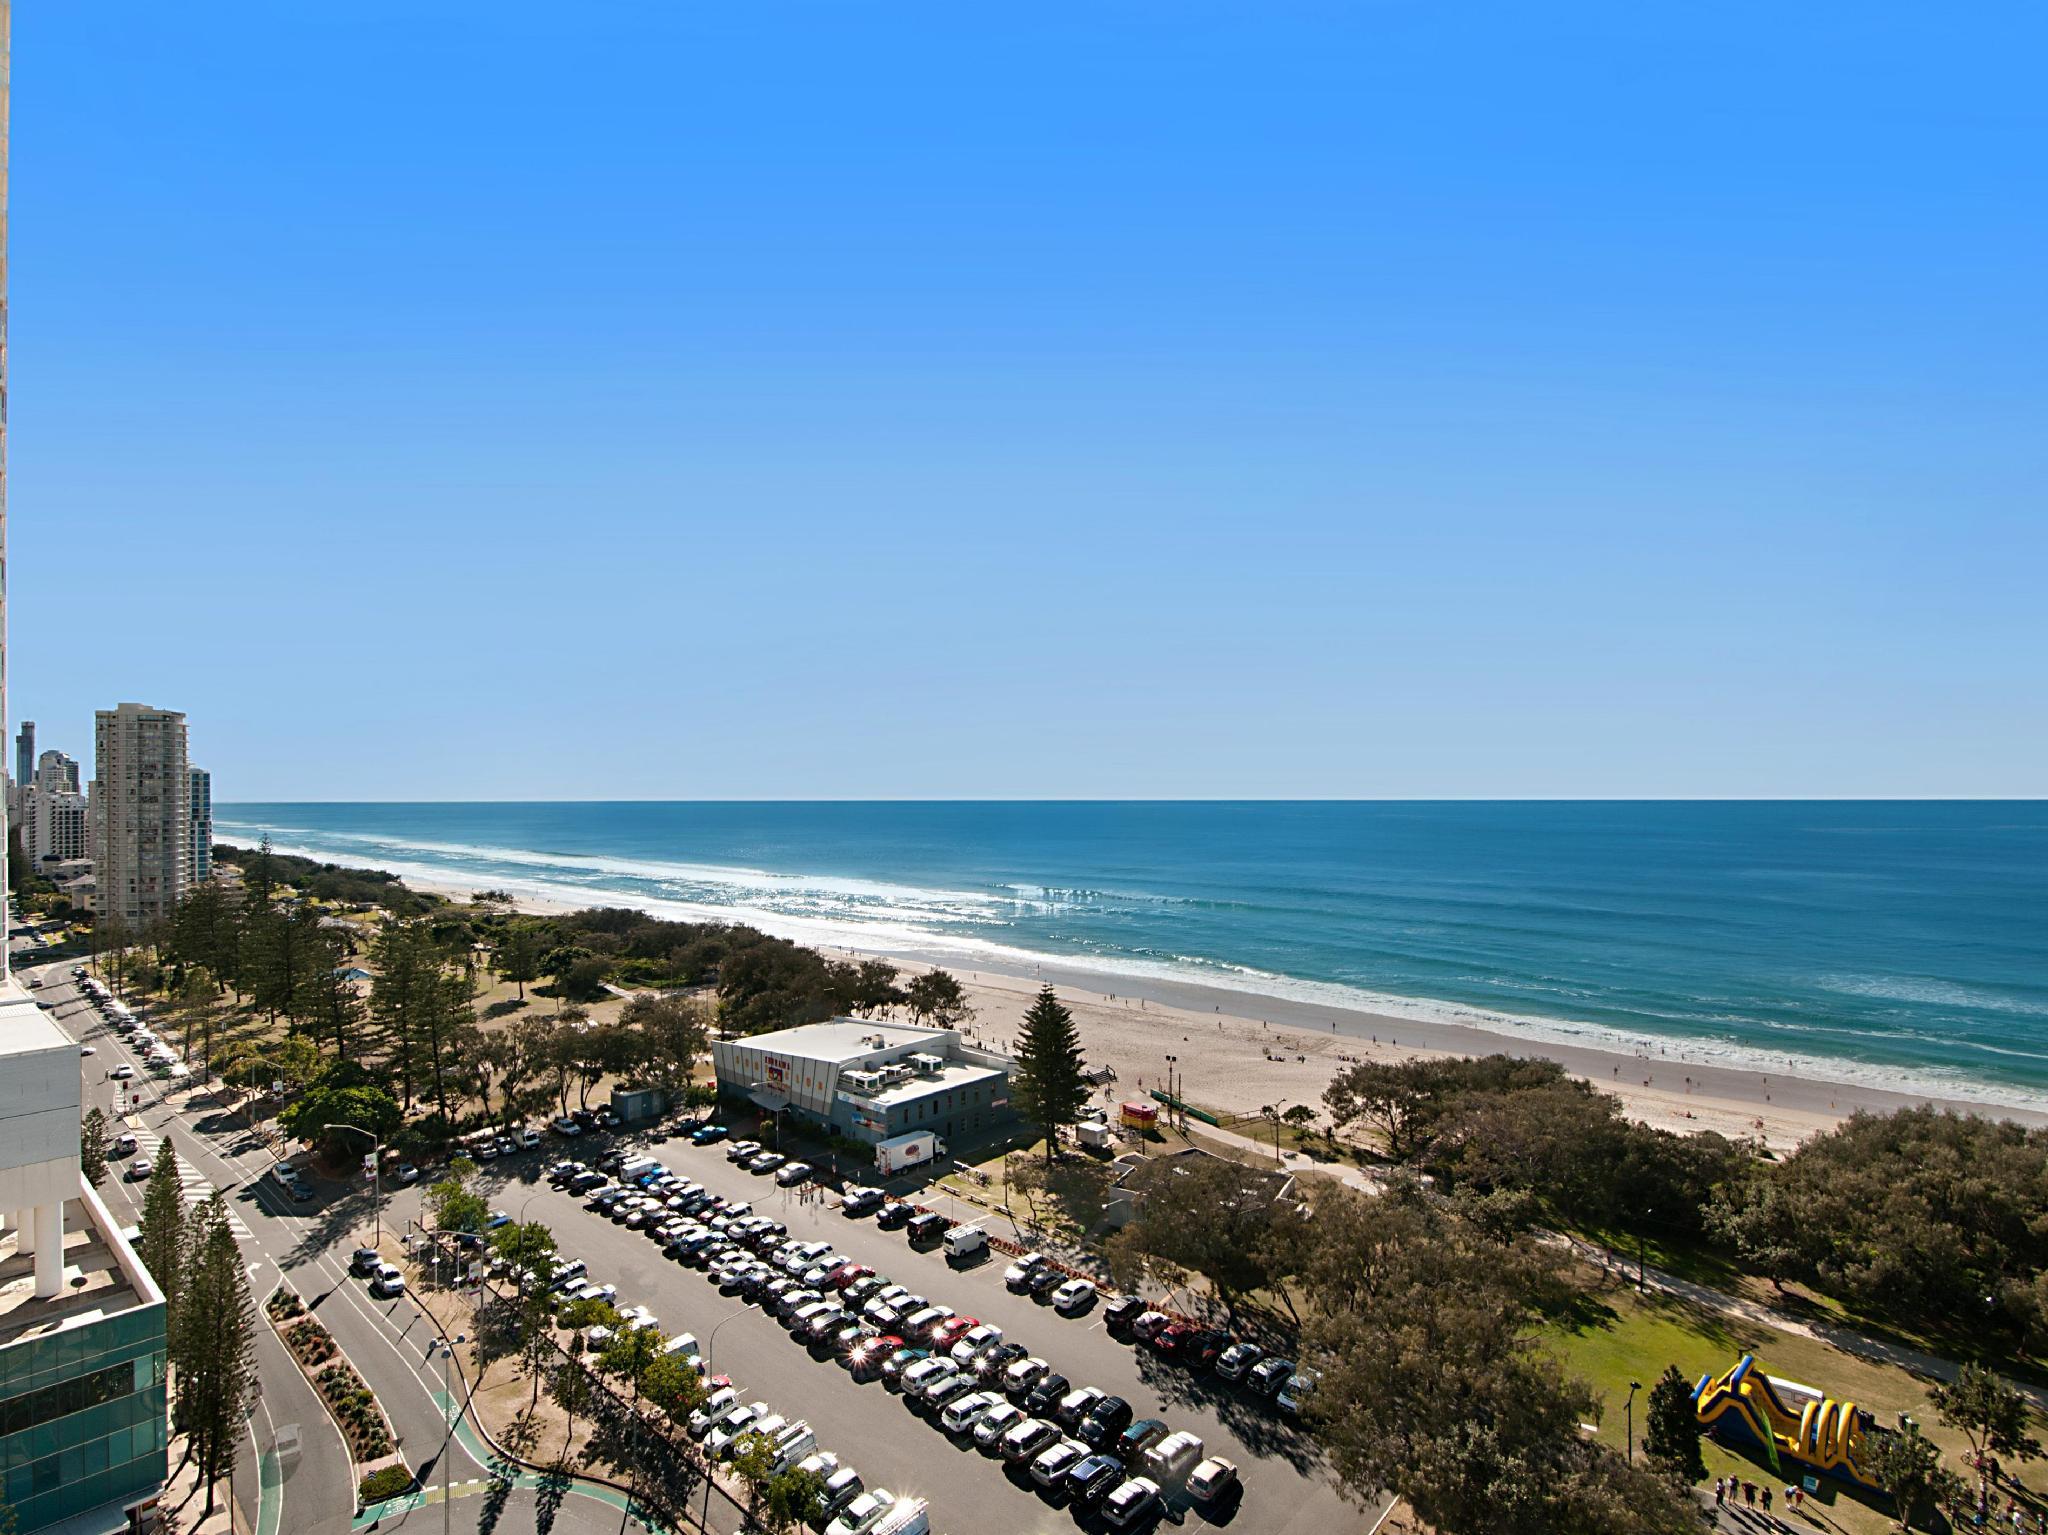 Voyager Resort - Hotell och Boende i Australien , Guldkusten